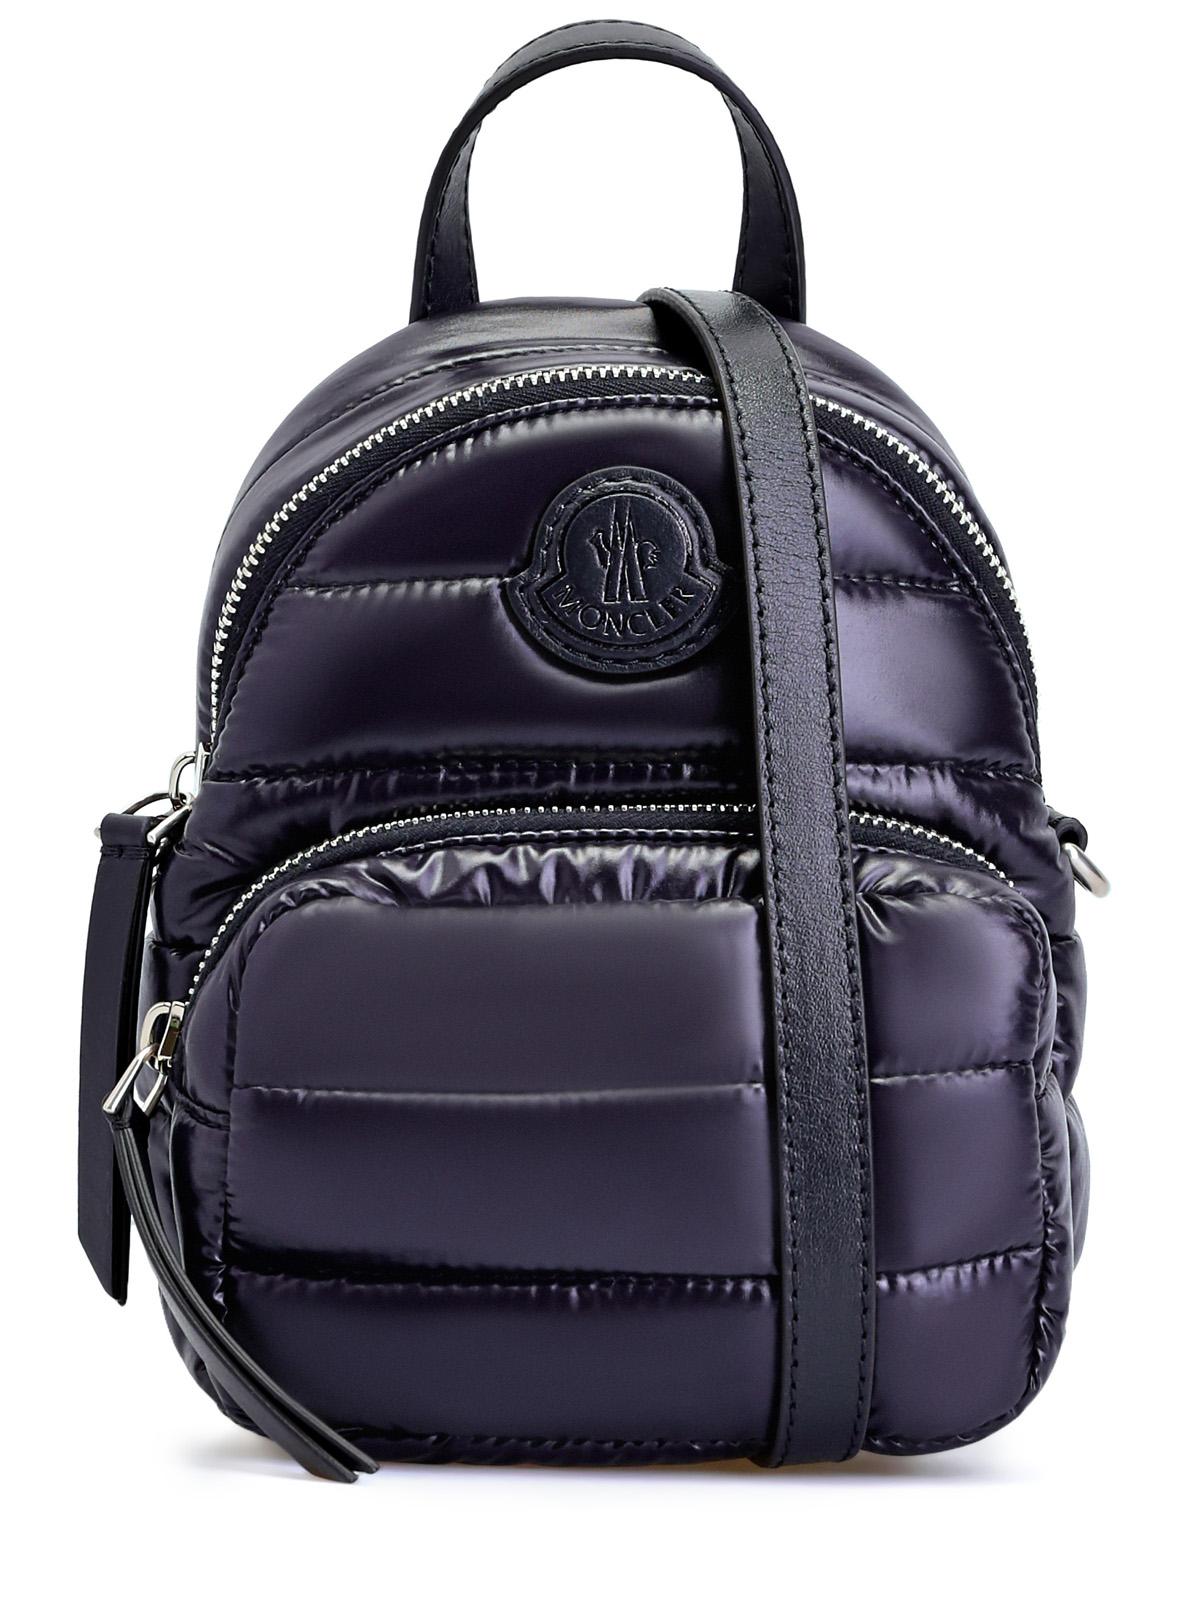 Компактный рюкзак Kilia Small из стеганого нейлона